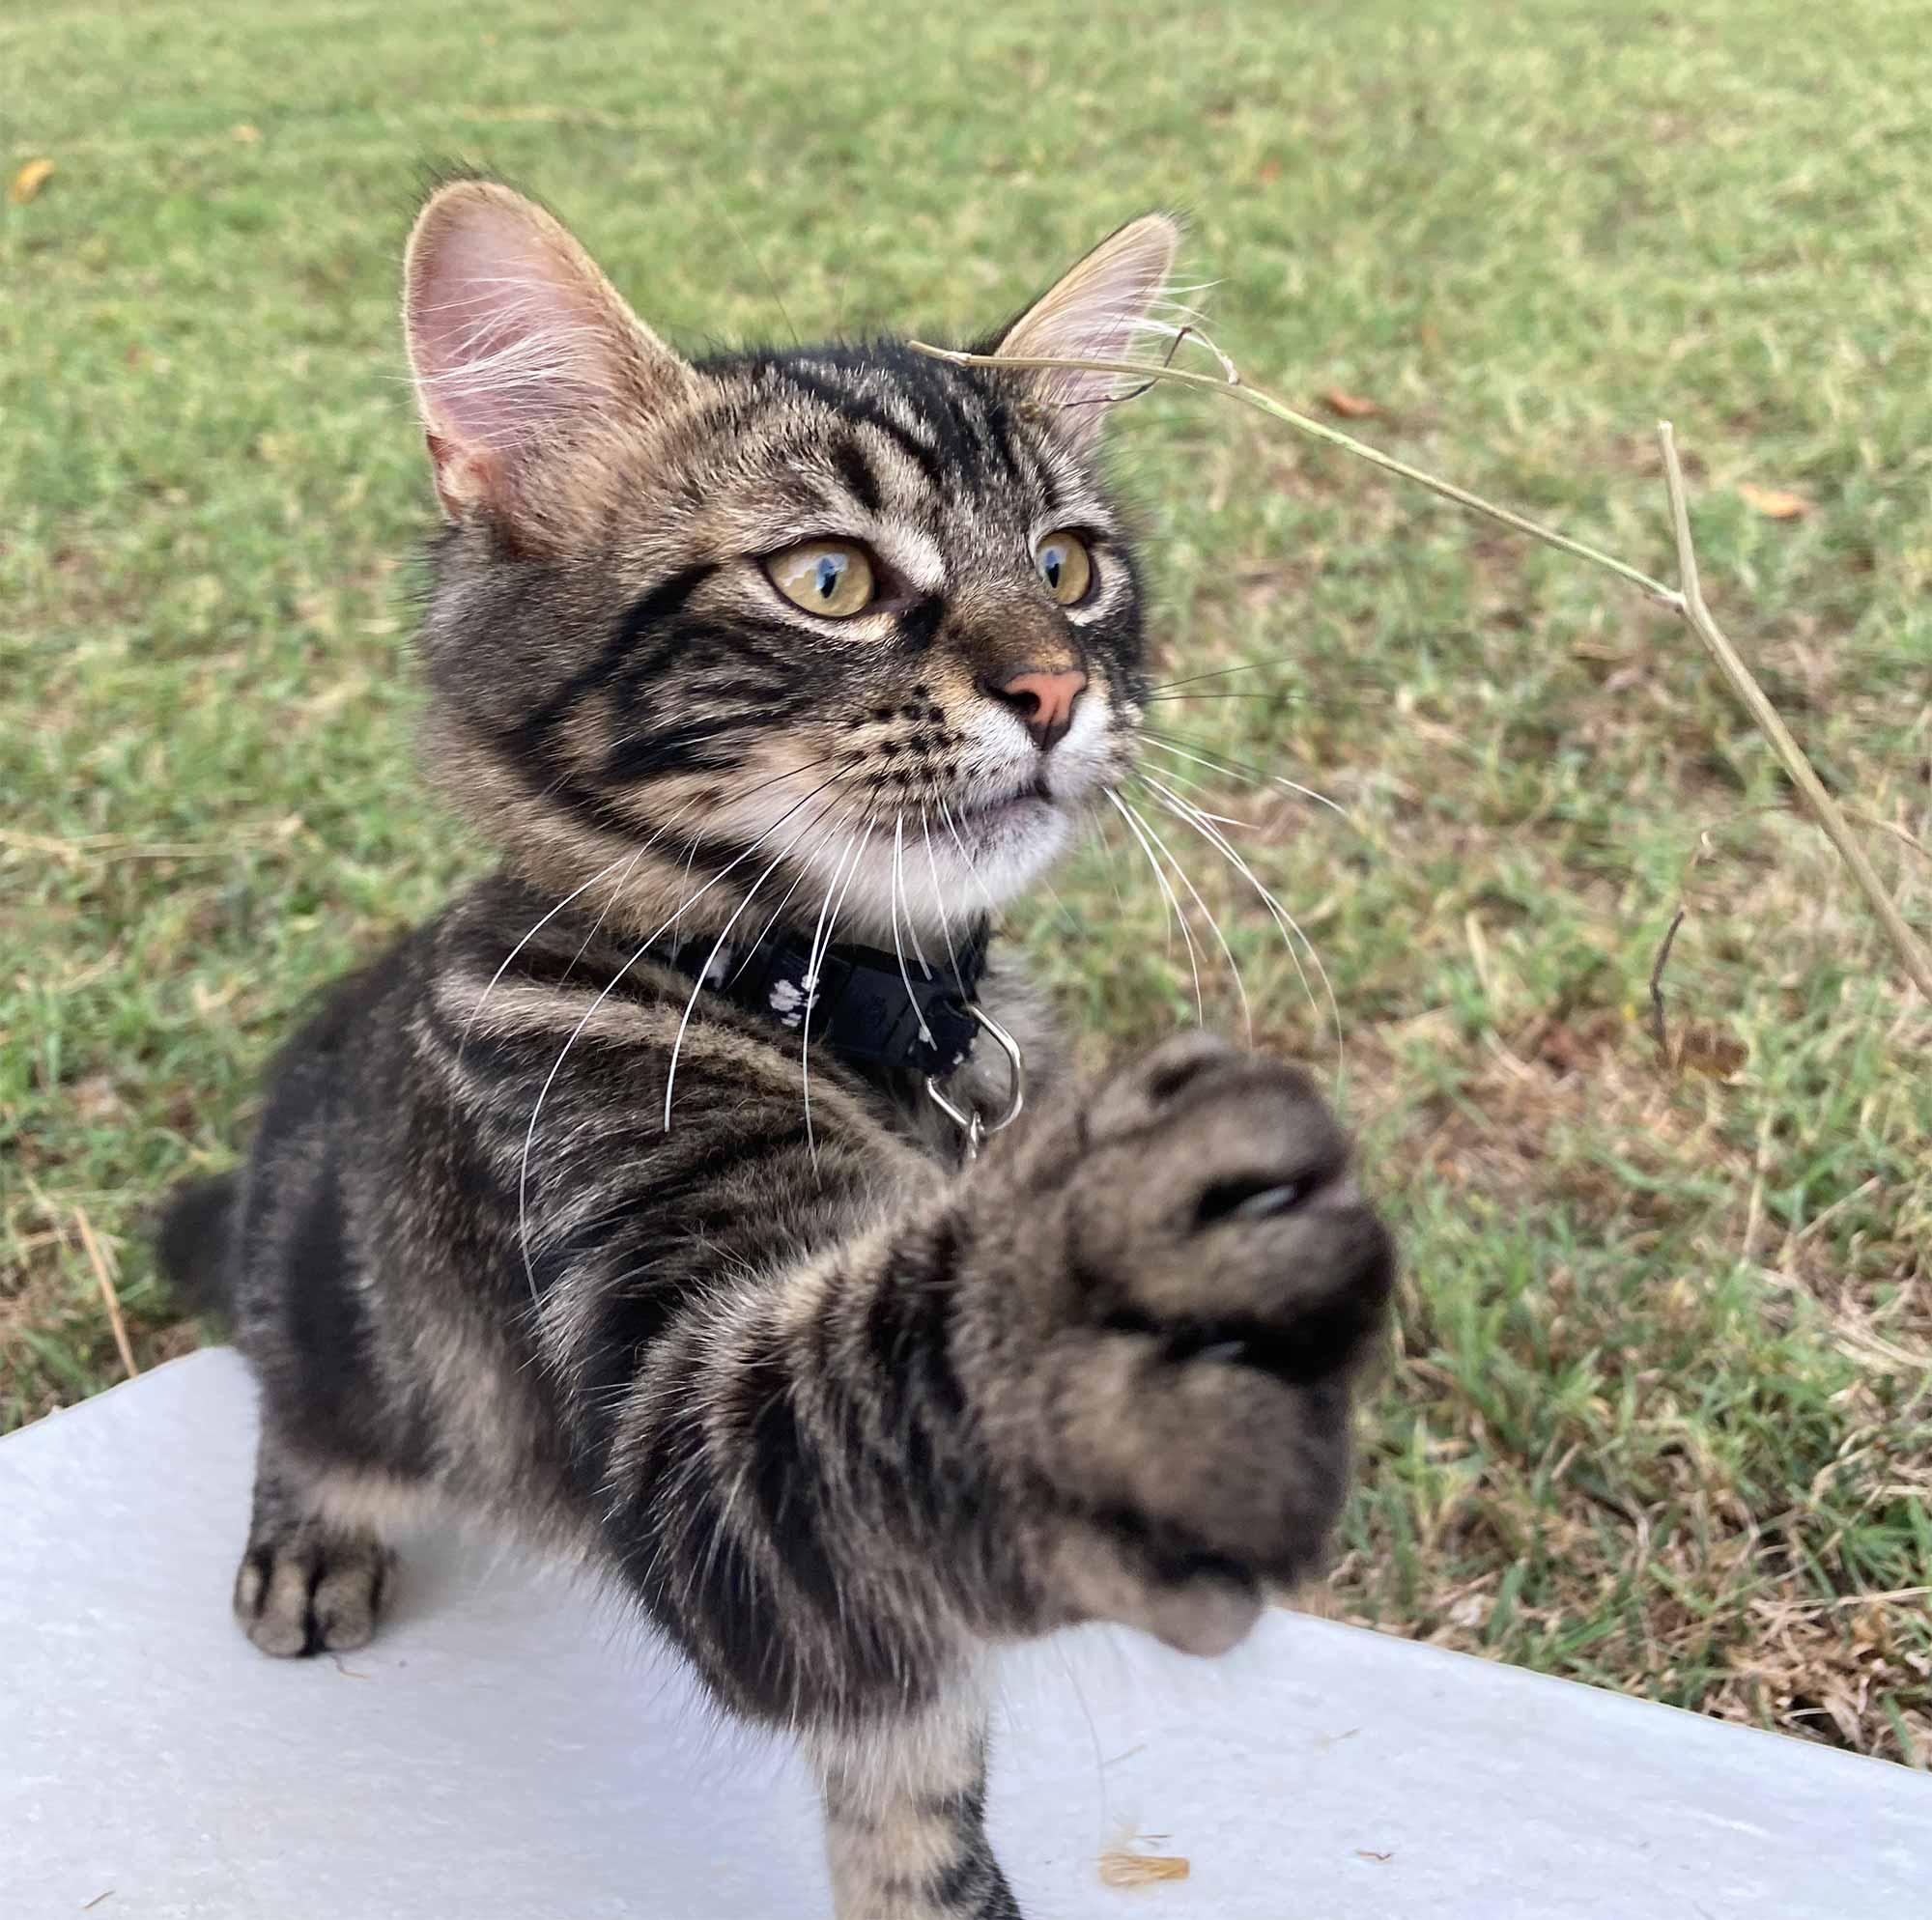 Die Katze fordert ihre Streichel- und Spieleinheiten ein